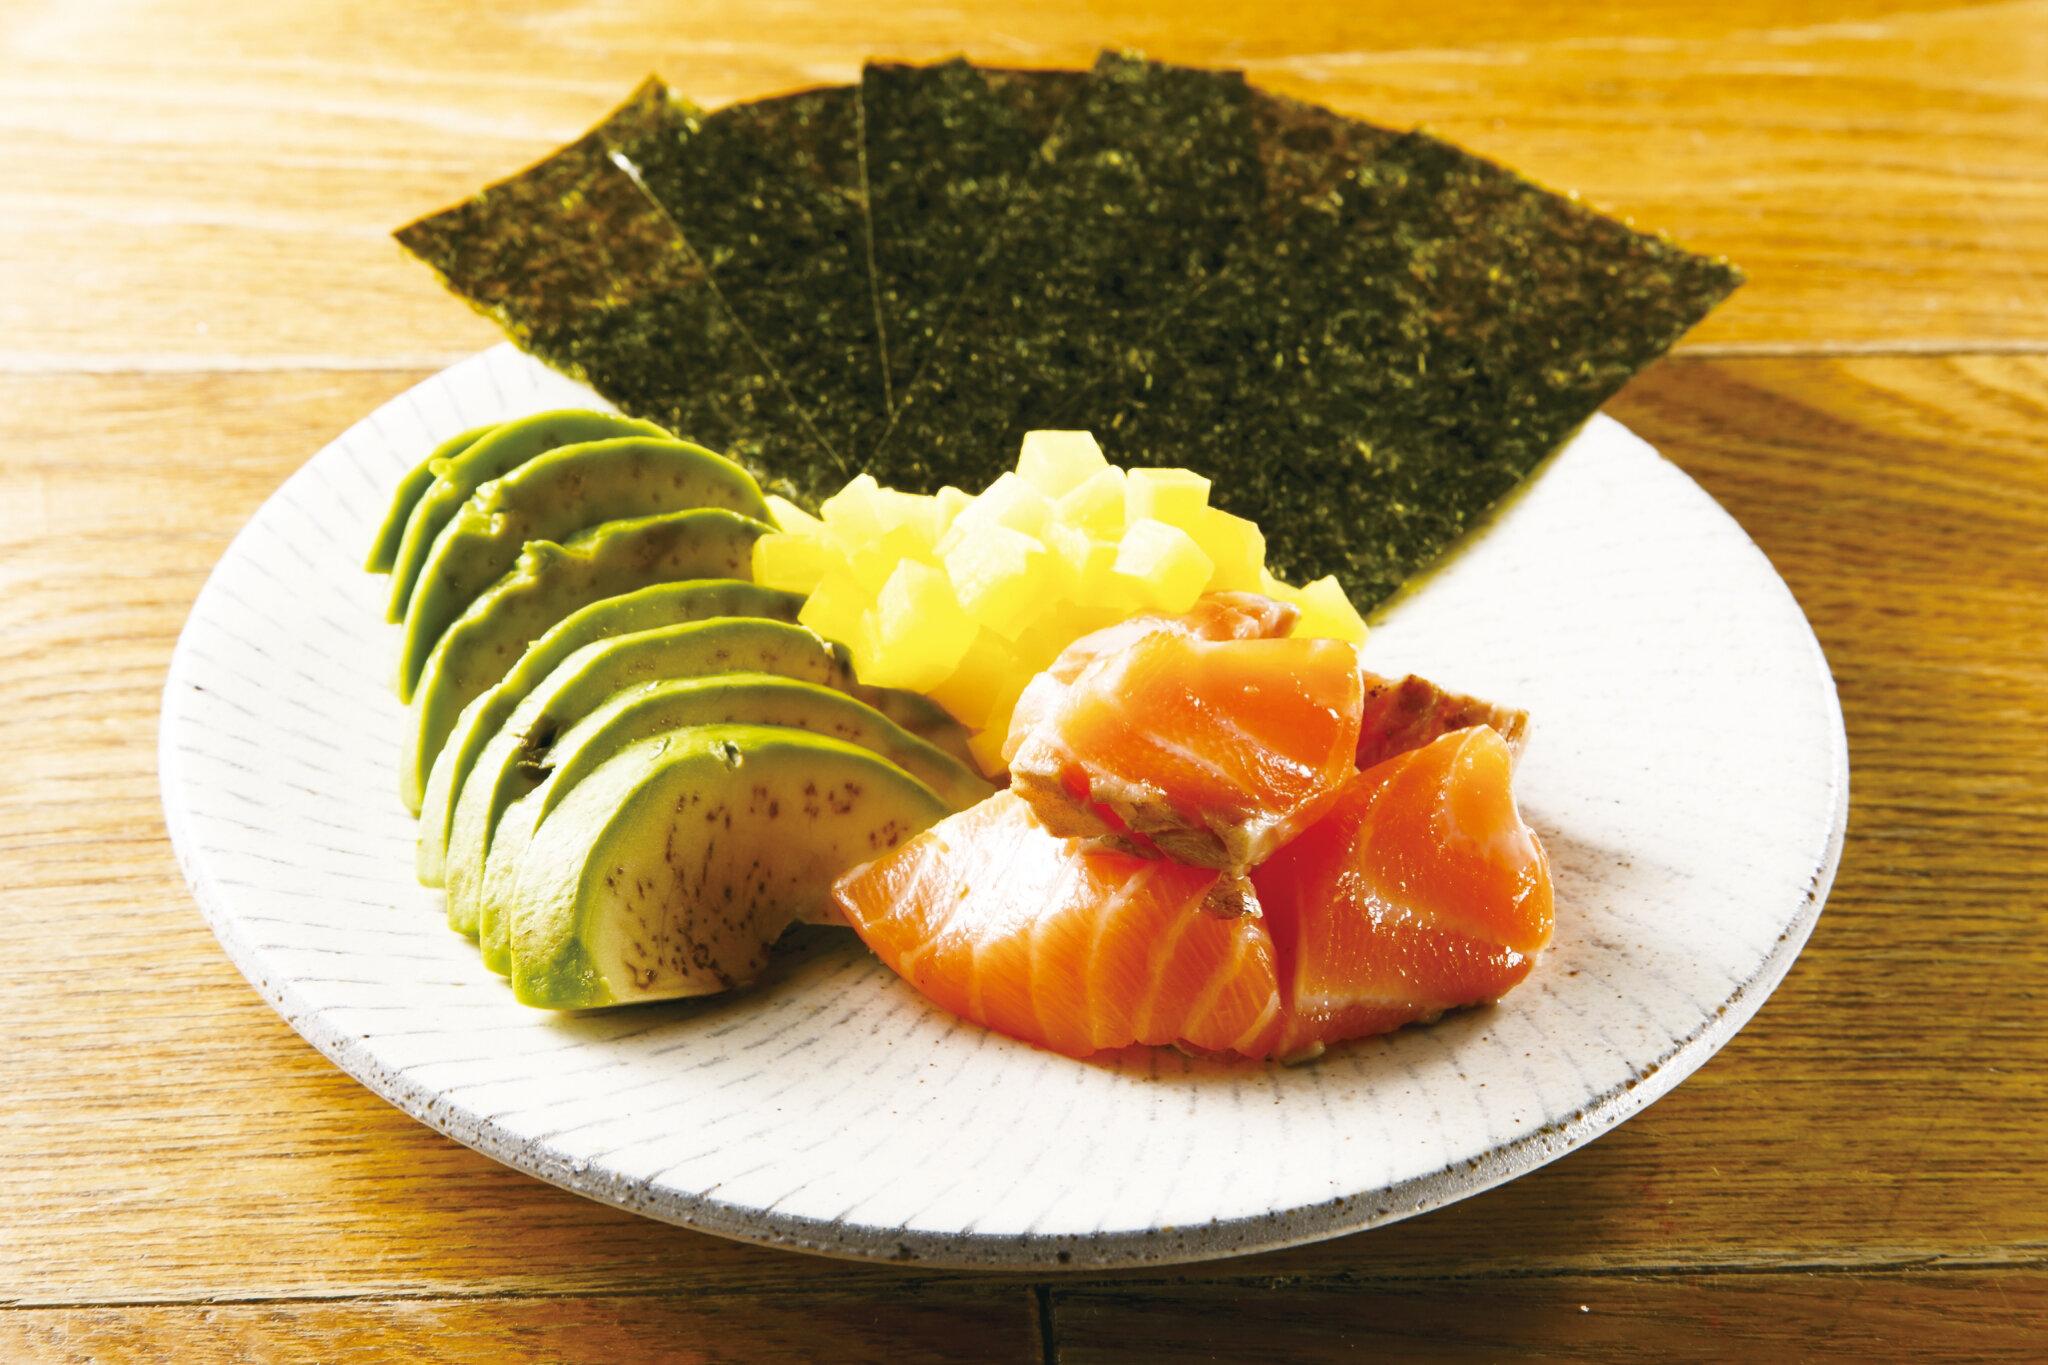 サーモンアボたく巻き Chopped Salmon & Pickled Radish & Avocado with Seaweed ($12)